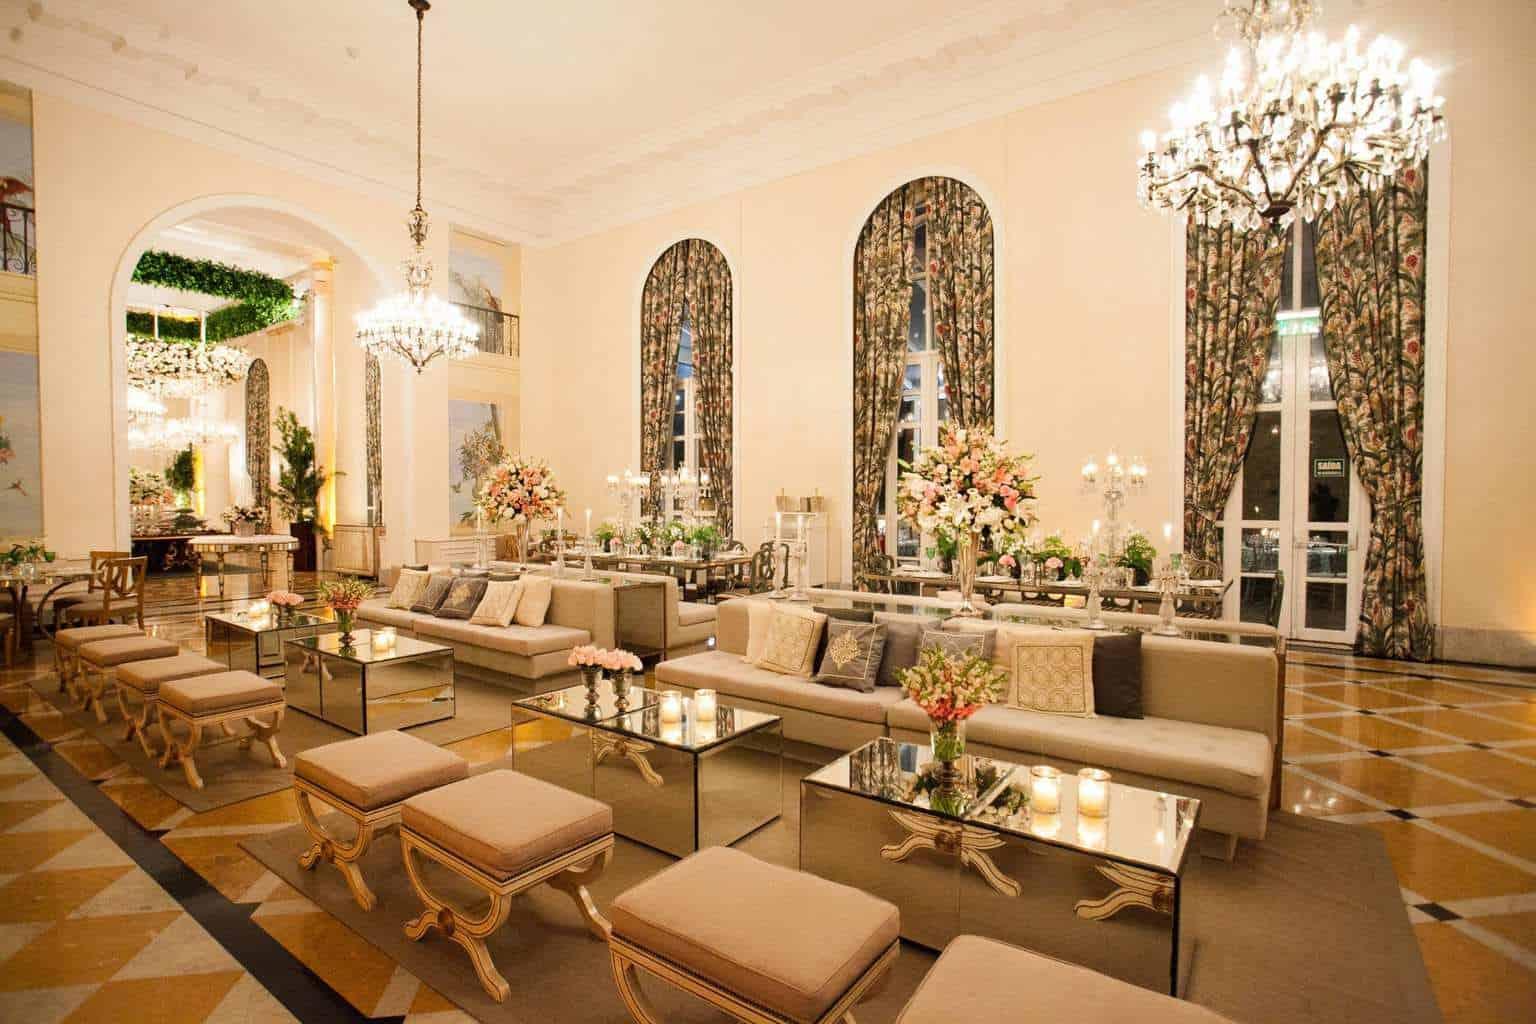 Alexandre-Japiassu-Casamento-Clássico-Casamento-tradicional-Copacabana-Palace-Decor-festa-Monica-Roias-Ribas-Foto-e-Vídeo-Tuanny-e-Bernardo-CaseMe-2